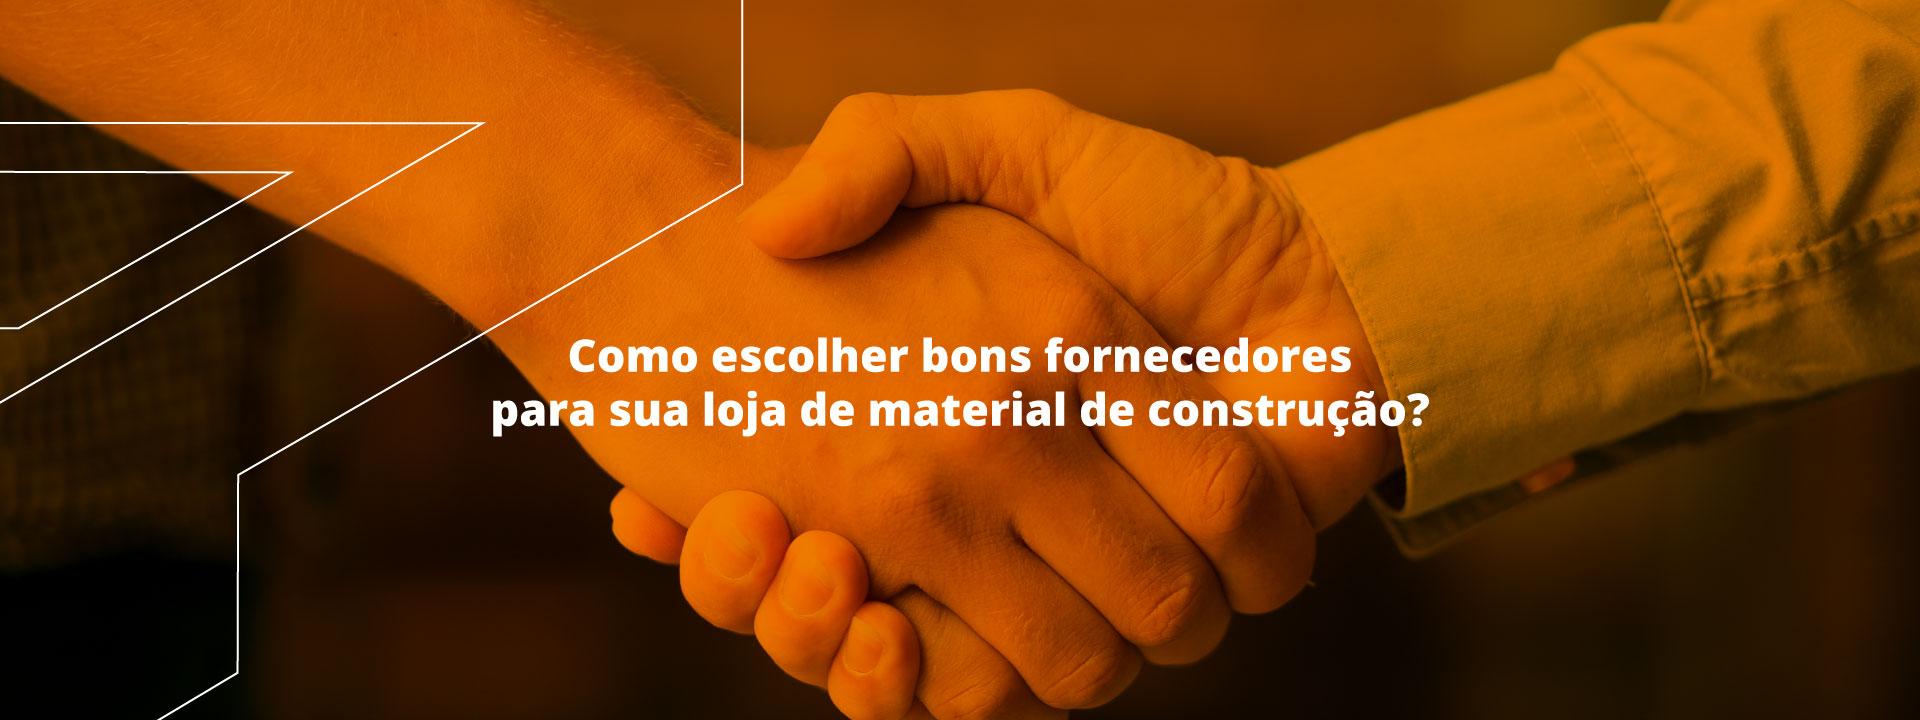 You are currently viewing Como escolher bons fornecedores para sua loja de material de construção? Veja algumas dicas para acertar em cheio